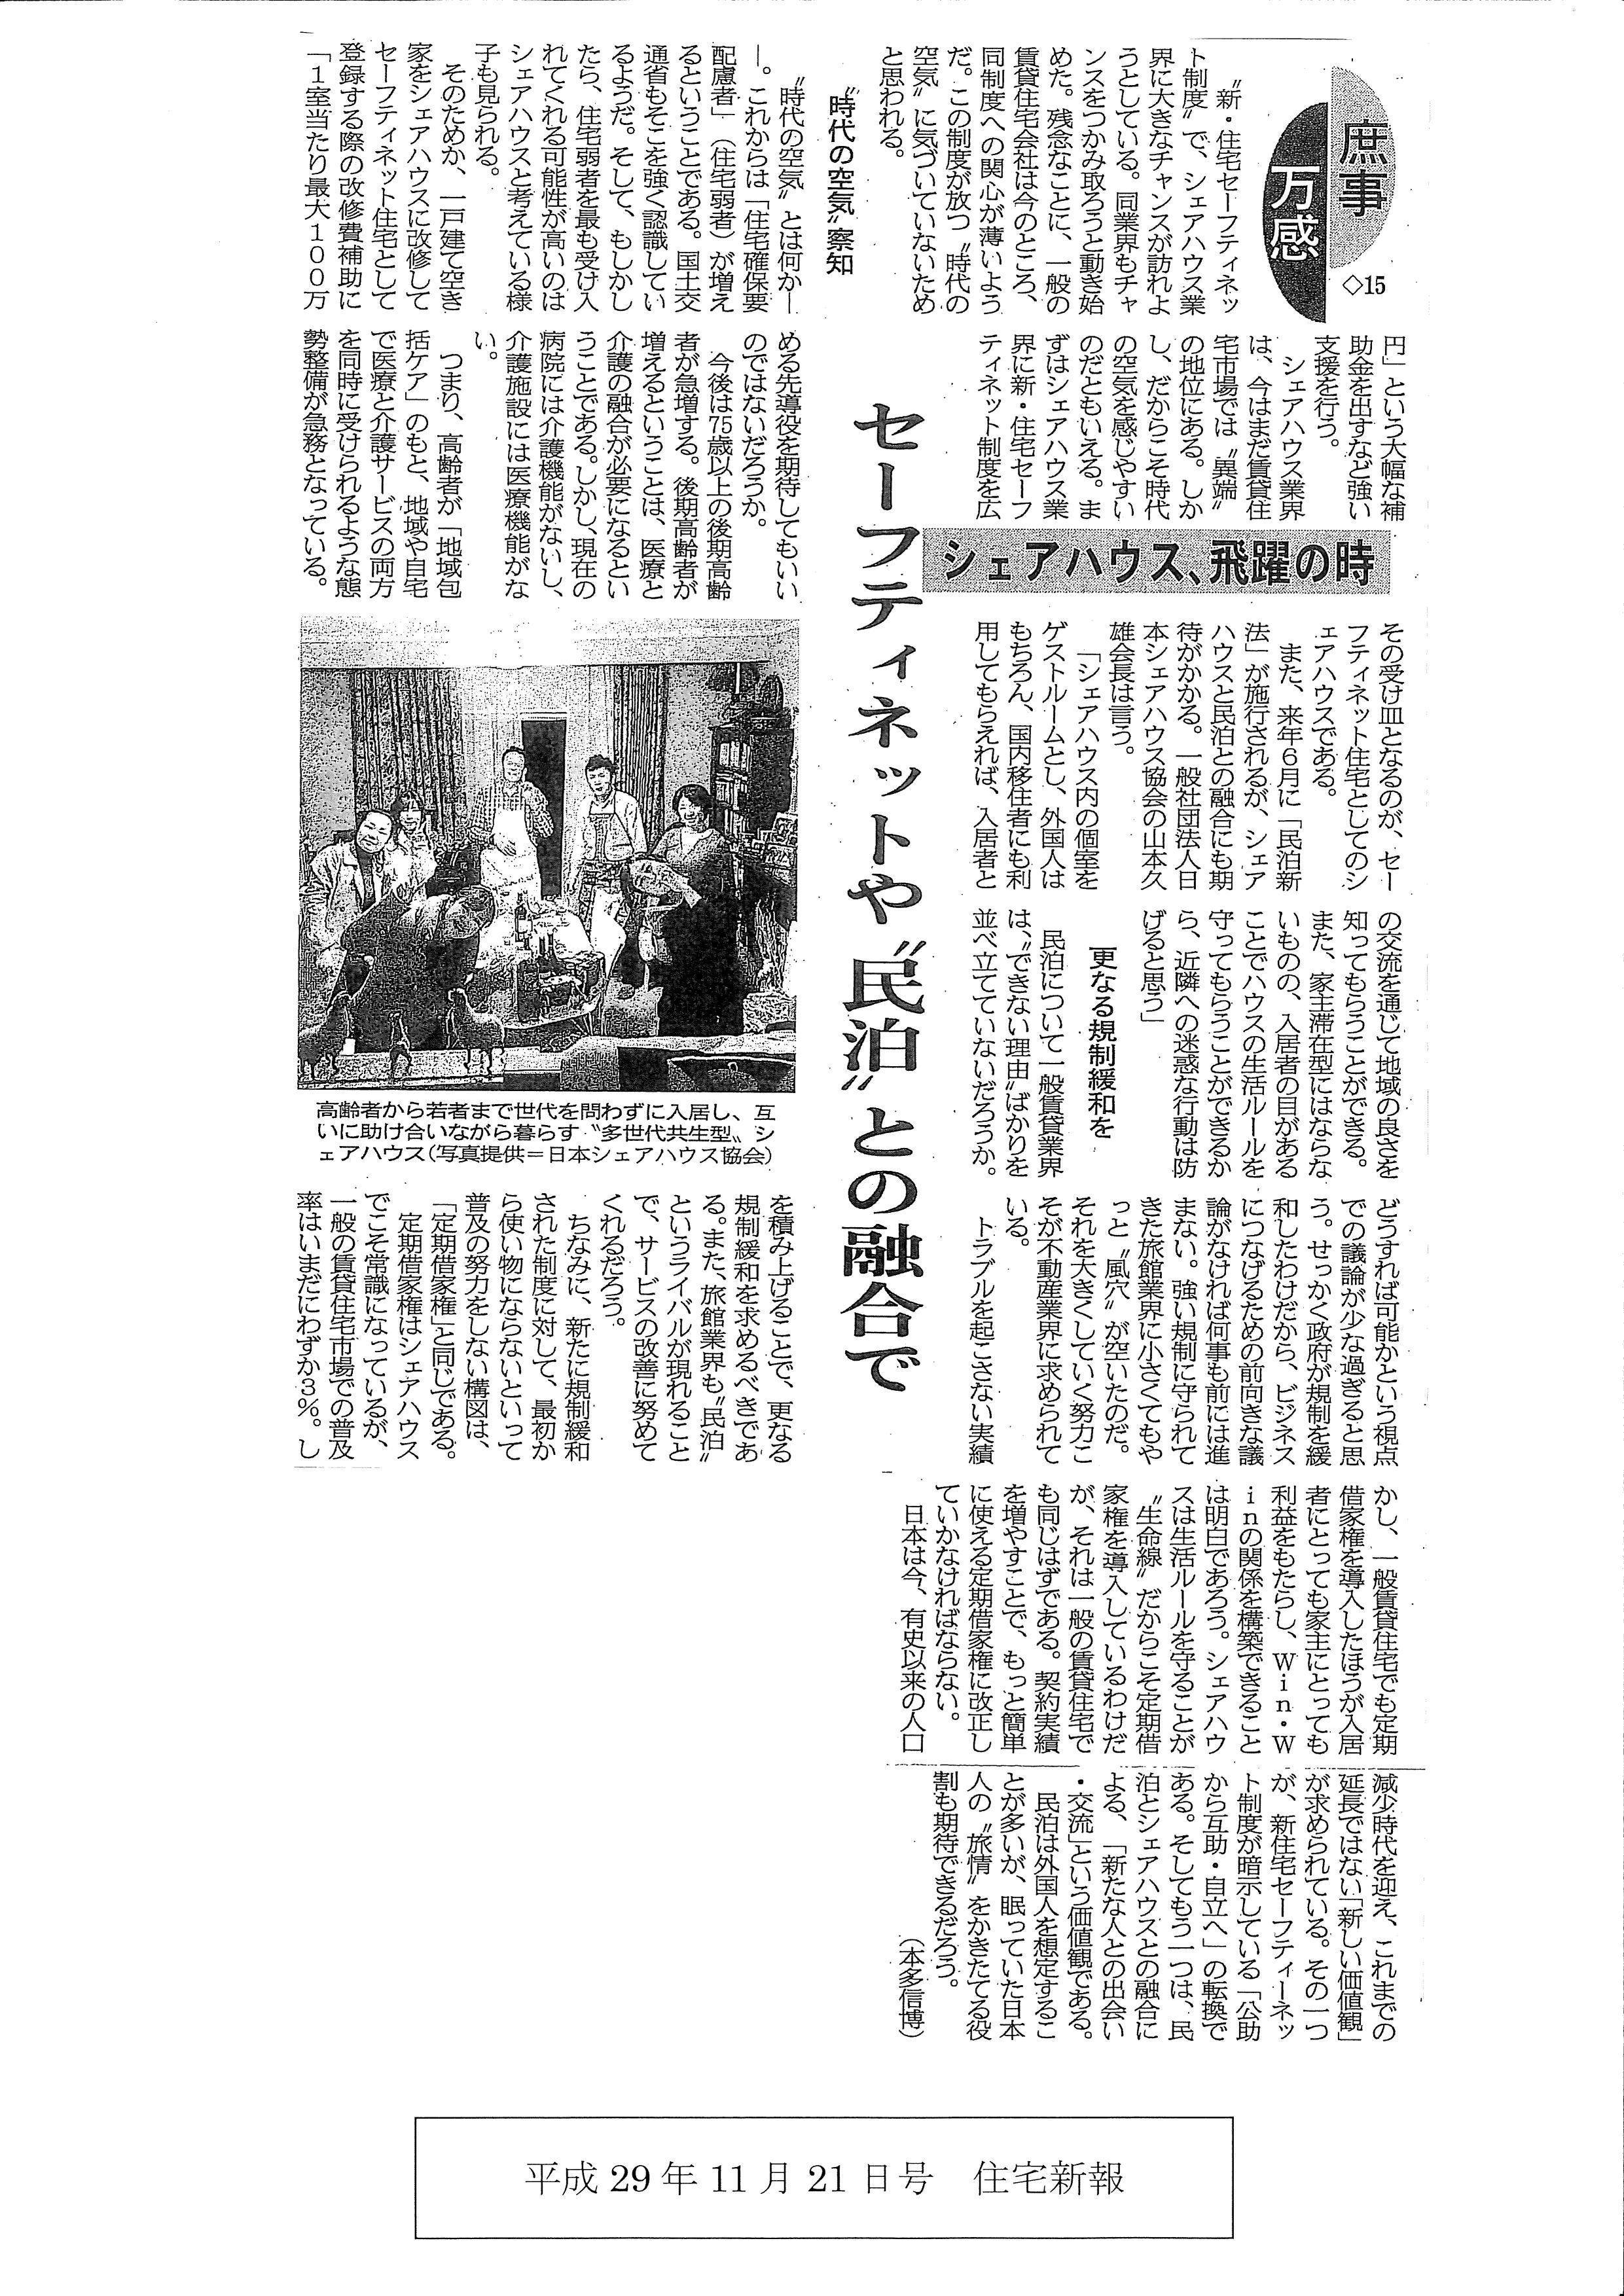 2017.11.21住宅新報_01